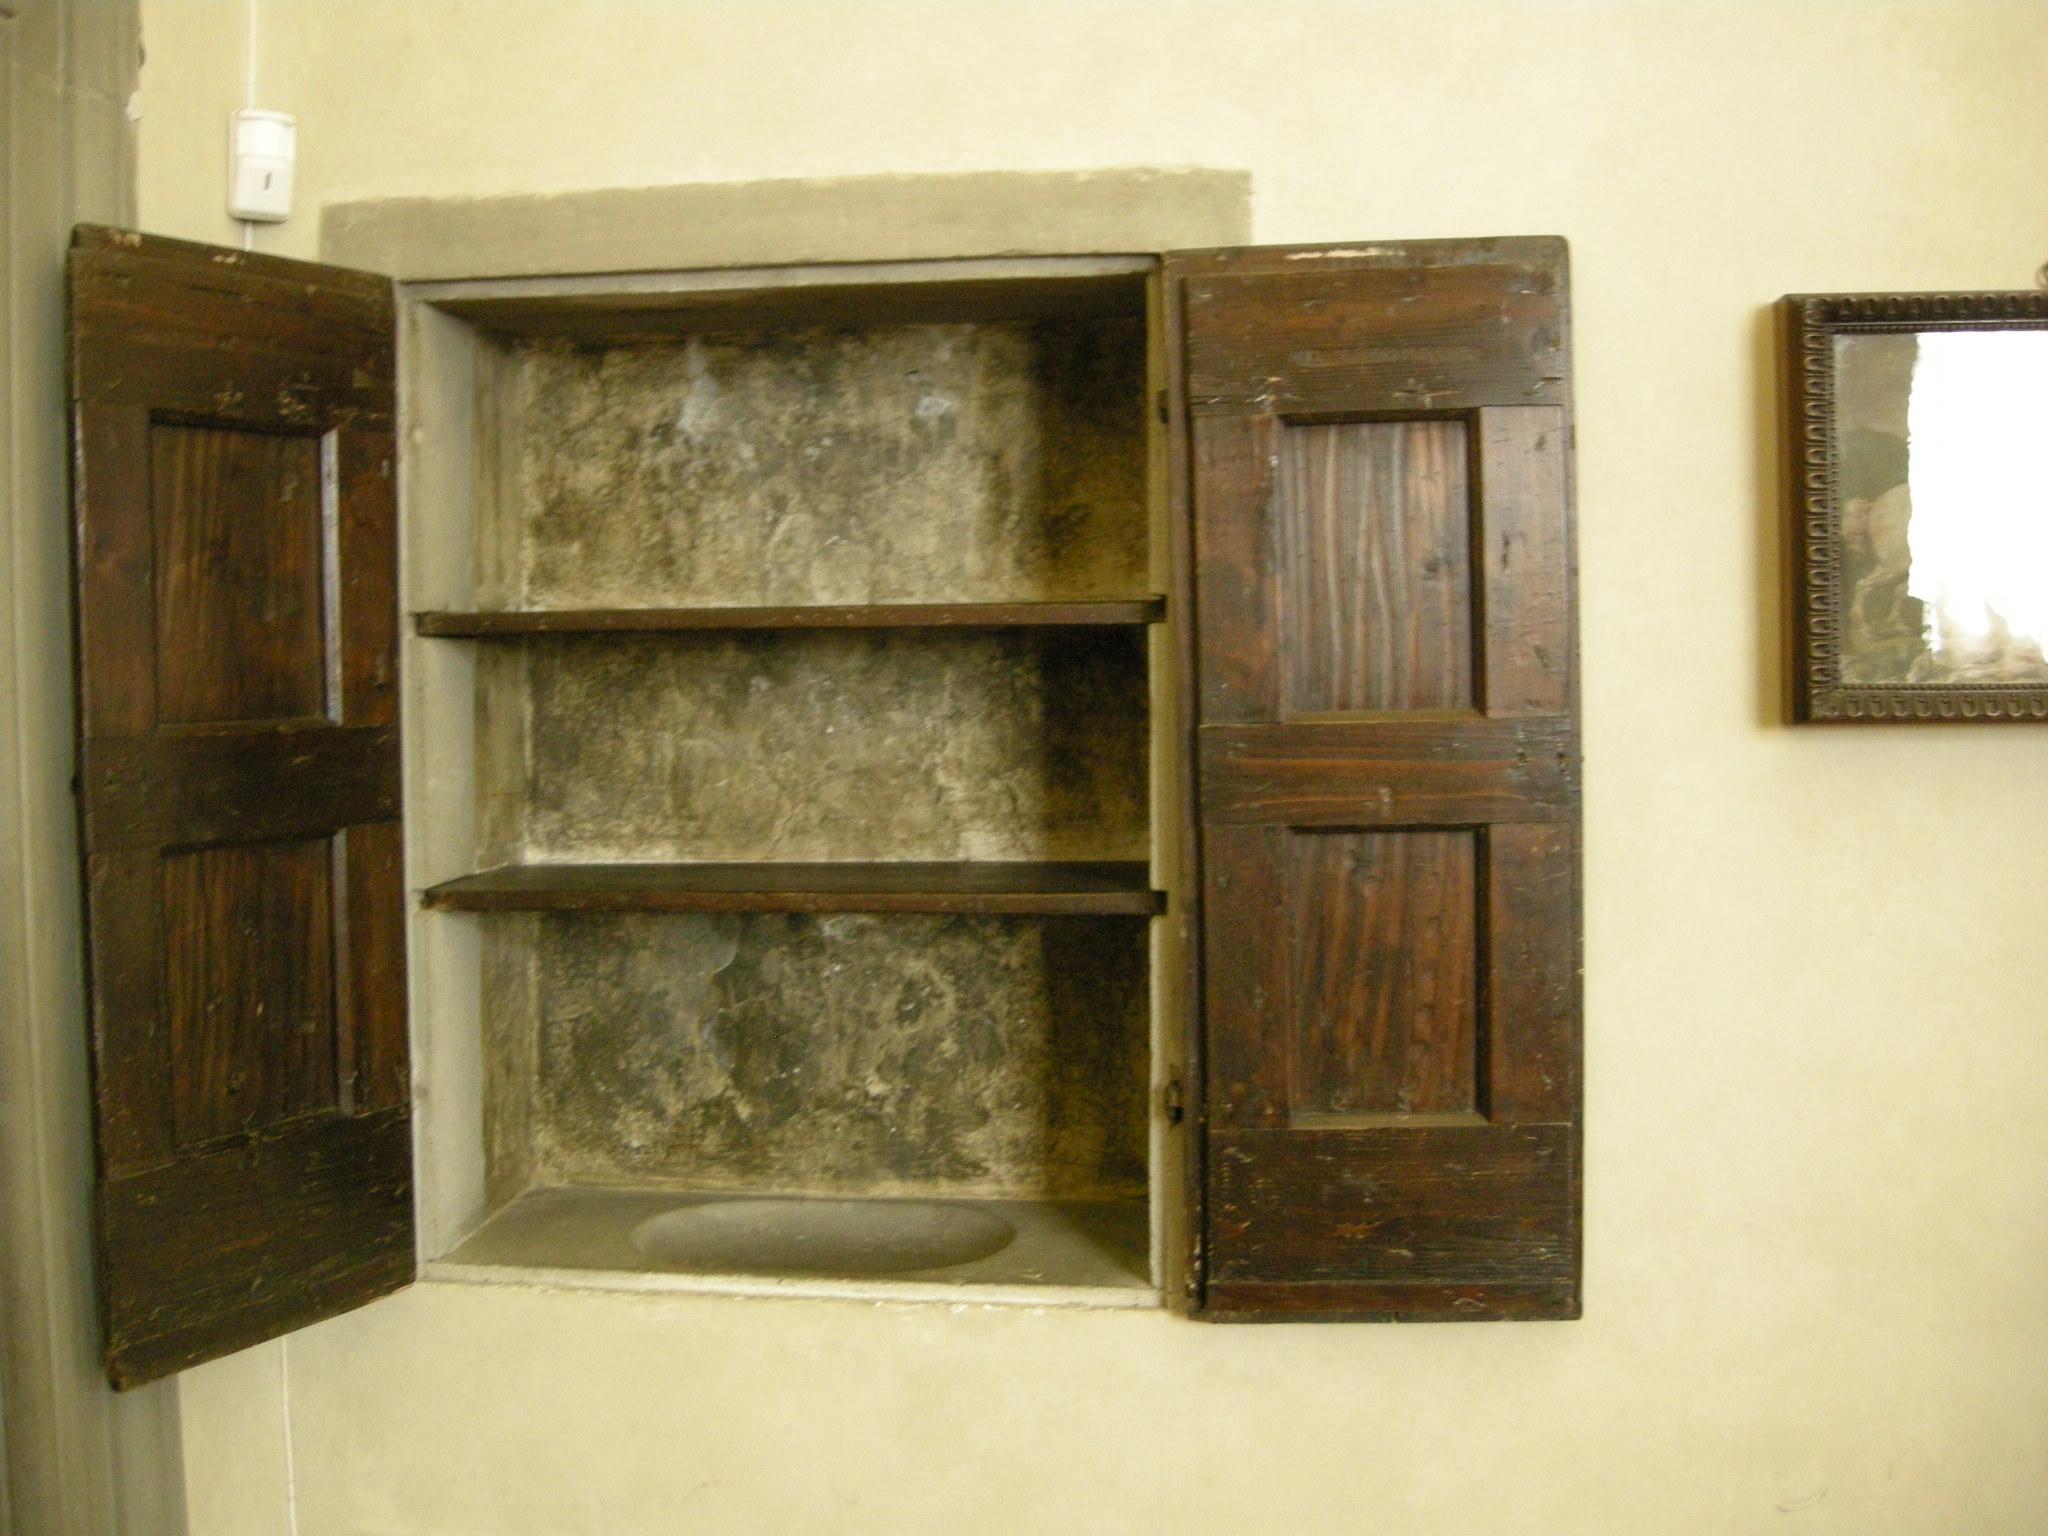 Immagini Armadio A Muro.File Collezione Loeser Armadio A Muro 01 Jpg Wikimedia Commons